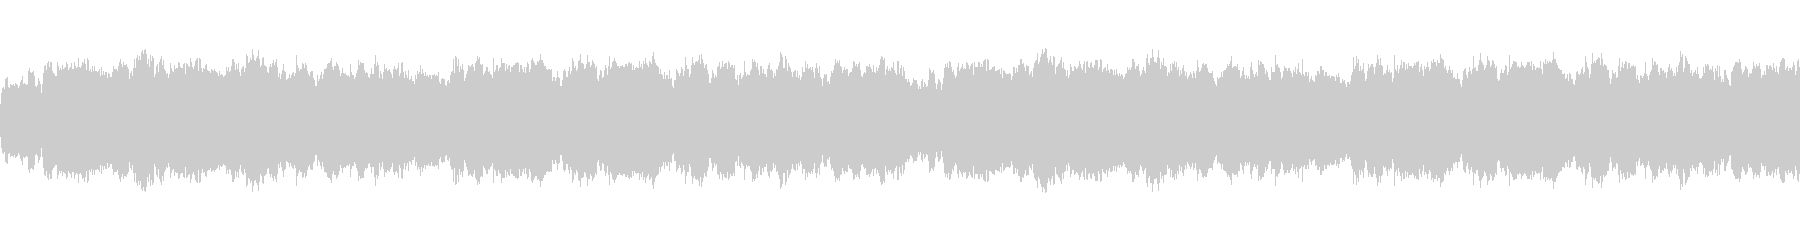 ほのぼの動画用BGM ループ HM005の未再生の波形